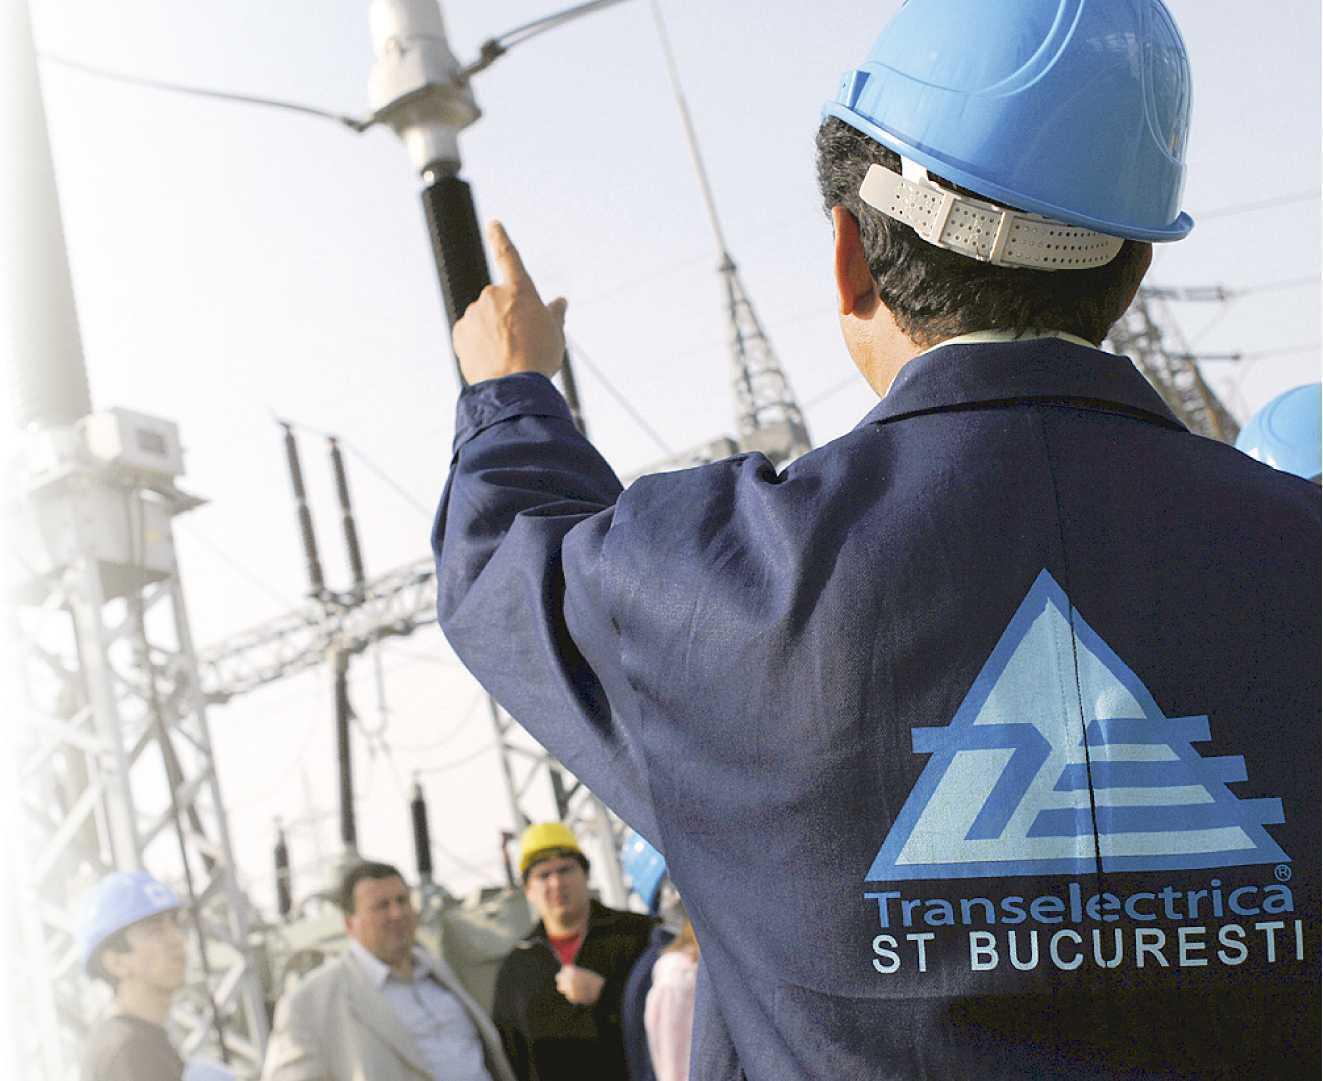 """CRIZA GRAVA A ENERGIEI ELECTRICE, MAFIA TERIFIANTA A """"BAIETILOR DESTEPTI"""" si demiterea abuziva a directorului Transelectrica, vinovat de a fi spus adevarul"""